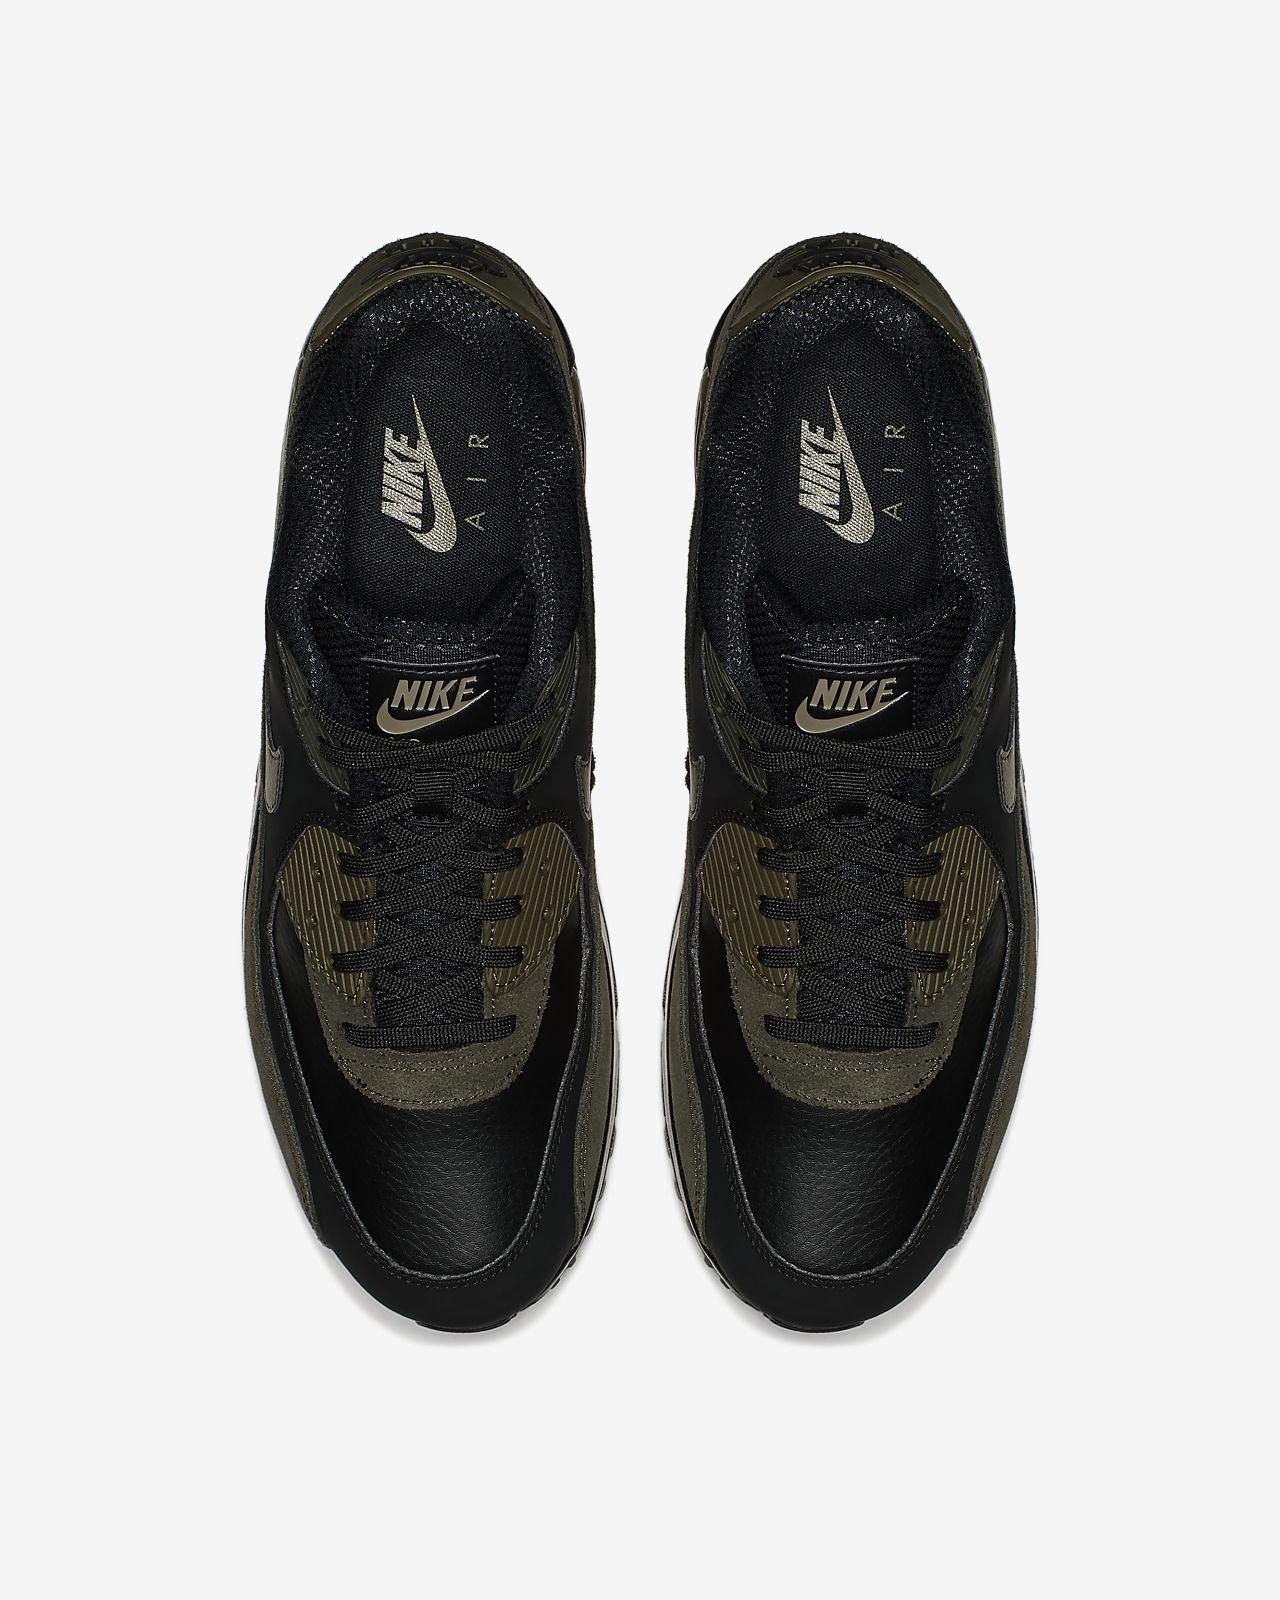 air max 90 leather sequoia 014